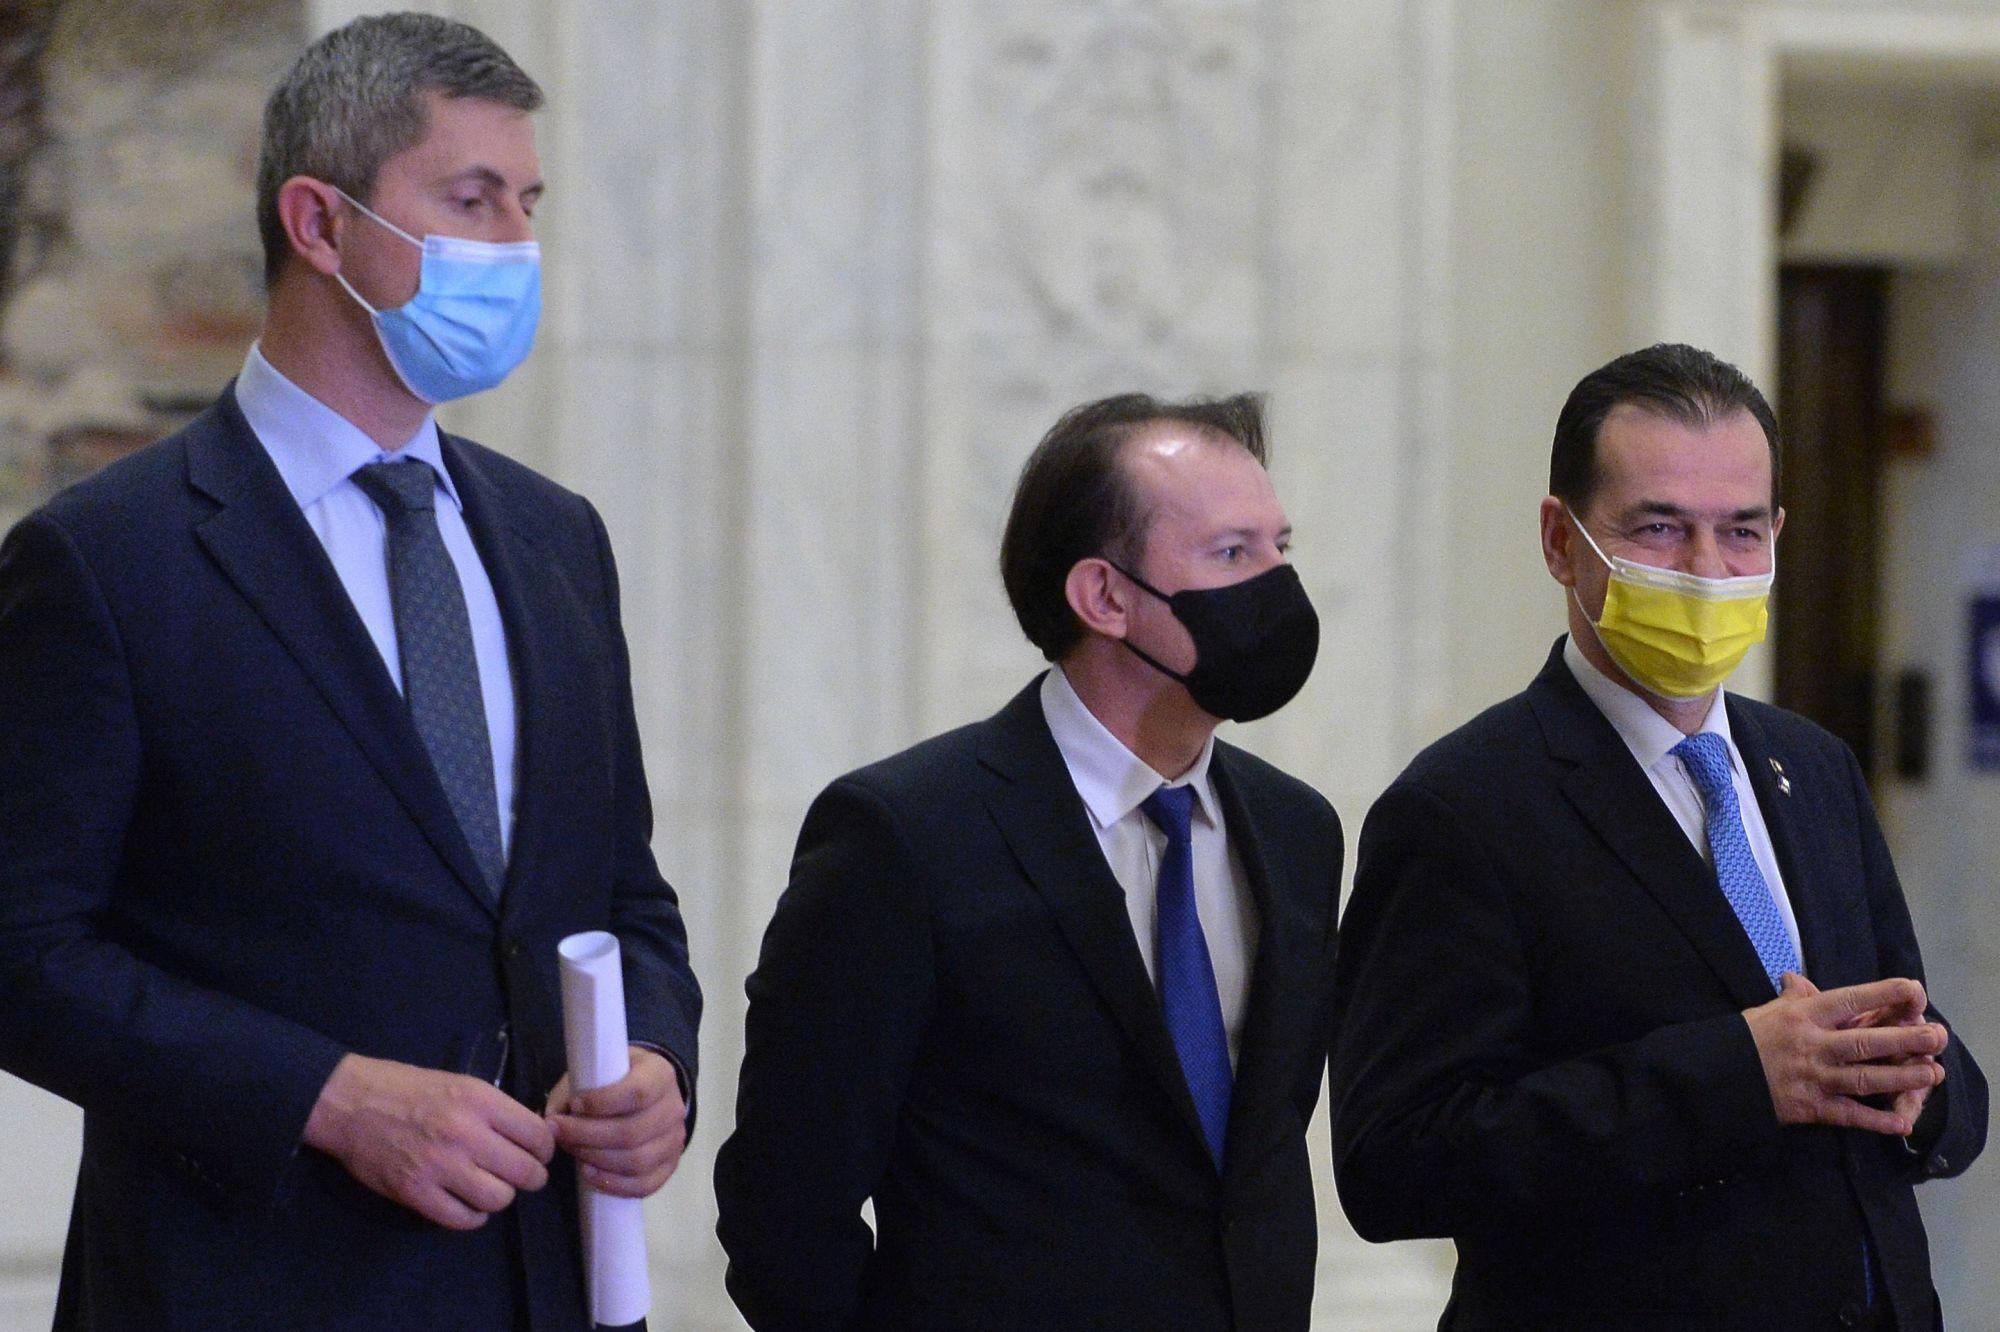 Reacția lui Florin Cîţu, întrebat dacă ar fi de acord ca Vlad Voiculescu să fie numit consilier onorific la Ministerul Sănătății